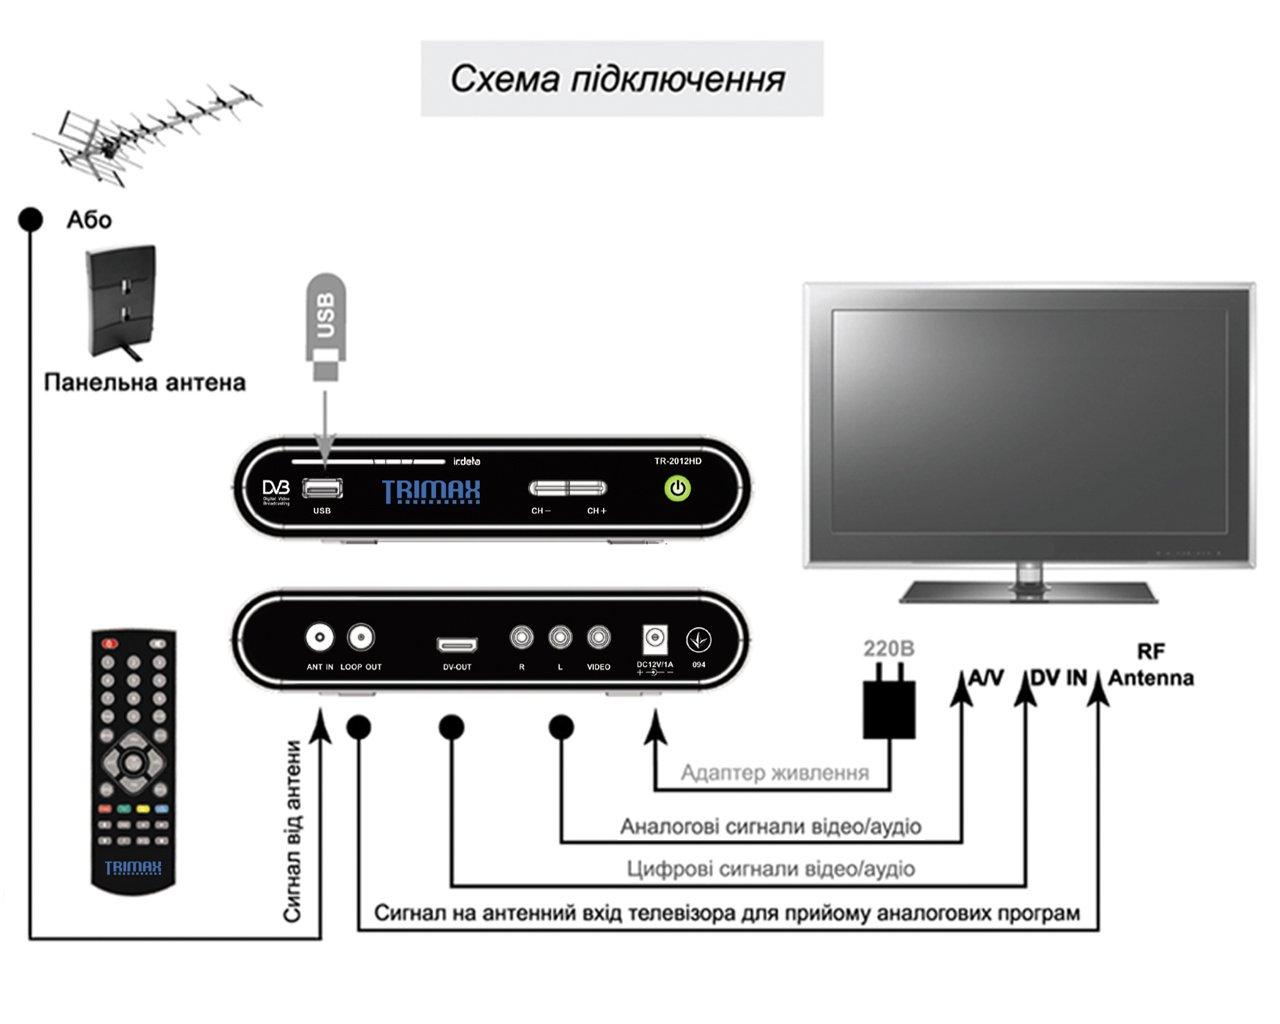 як підключити тюнер до телевізора